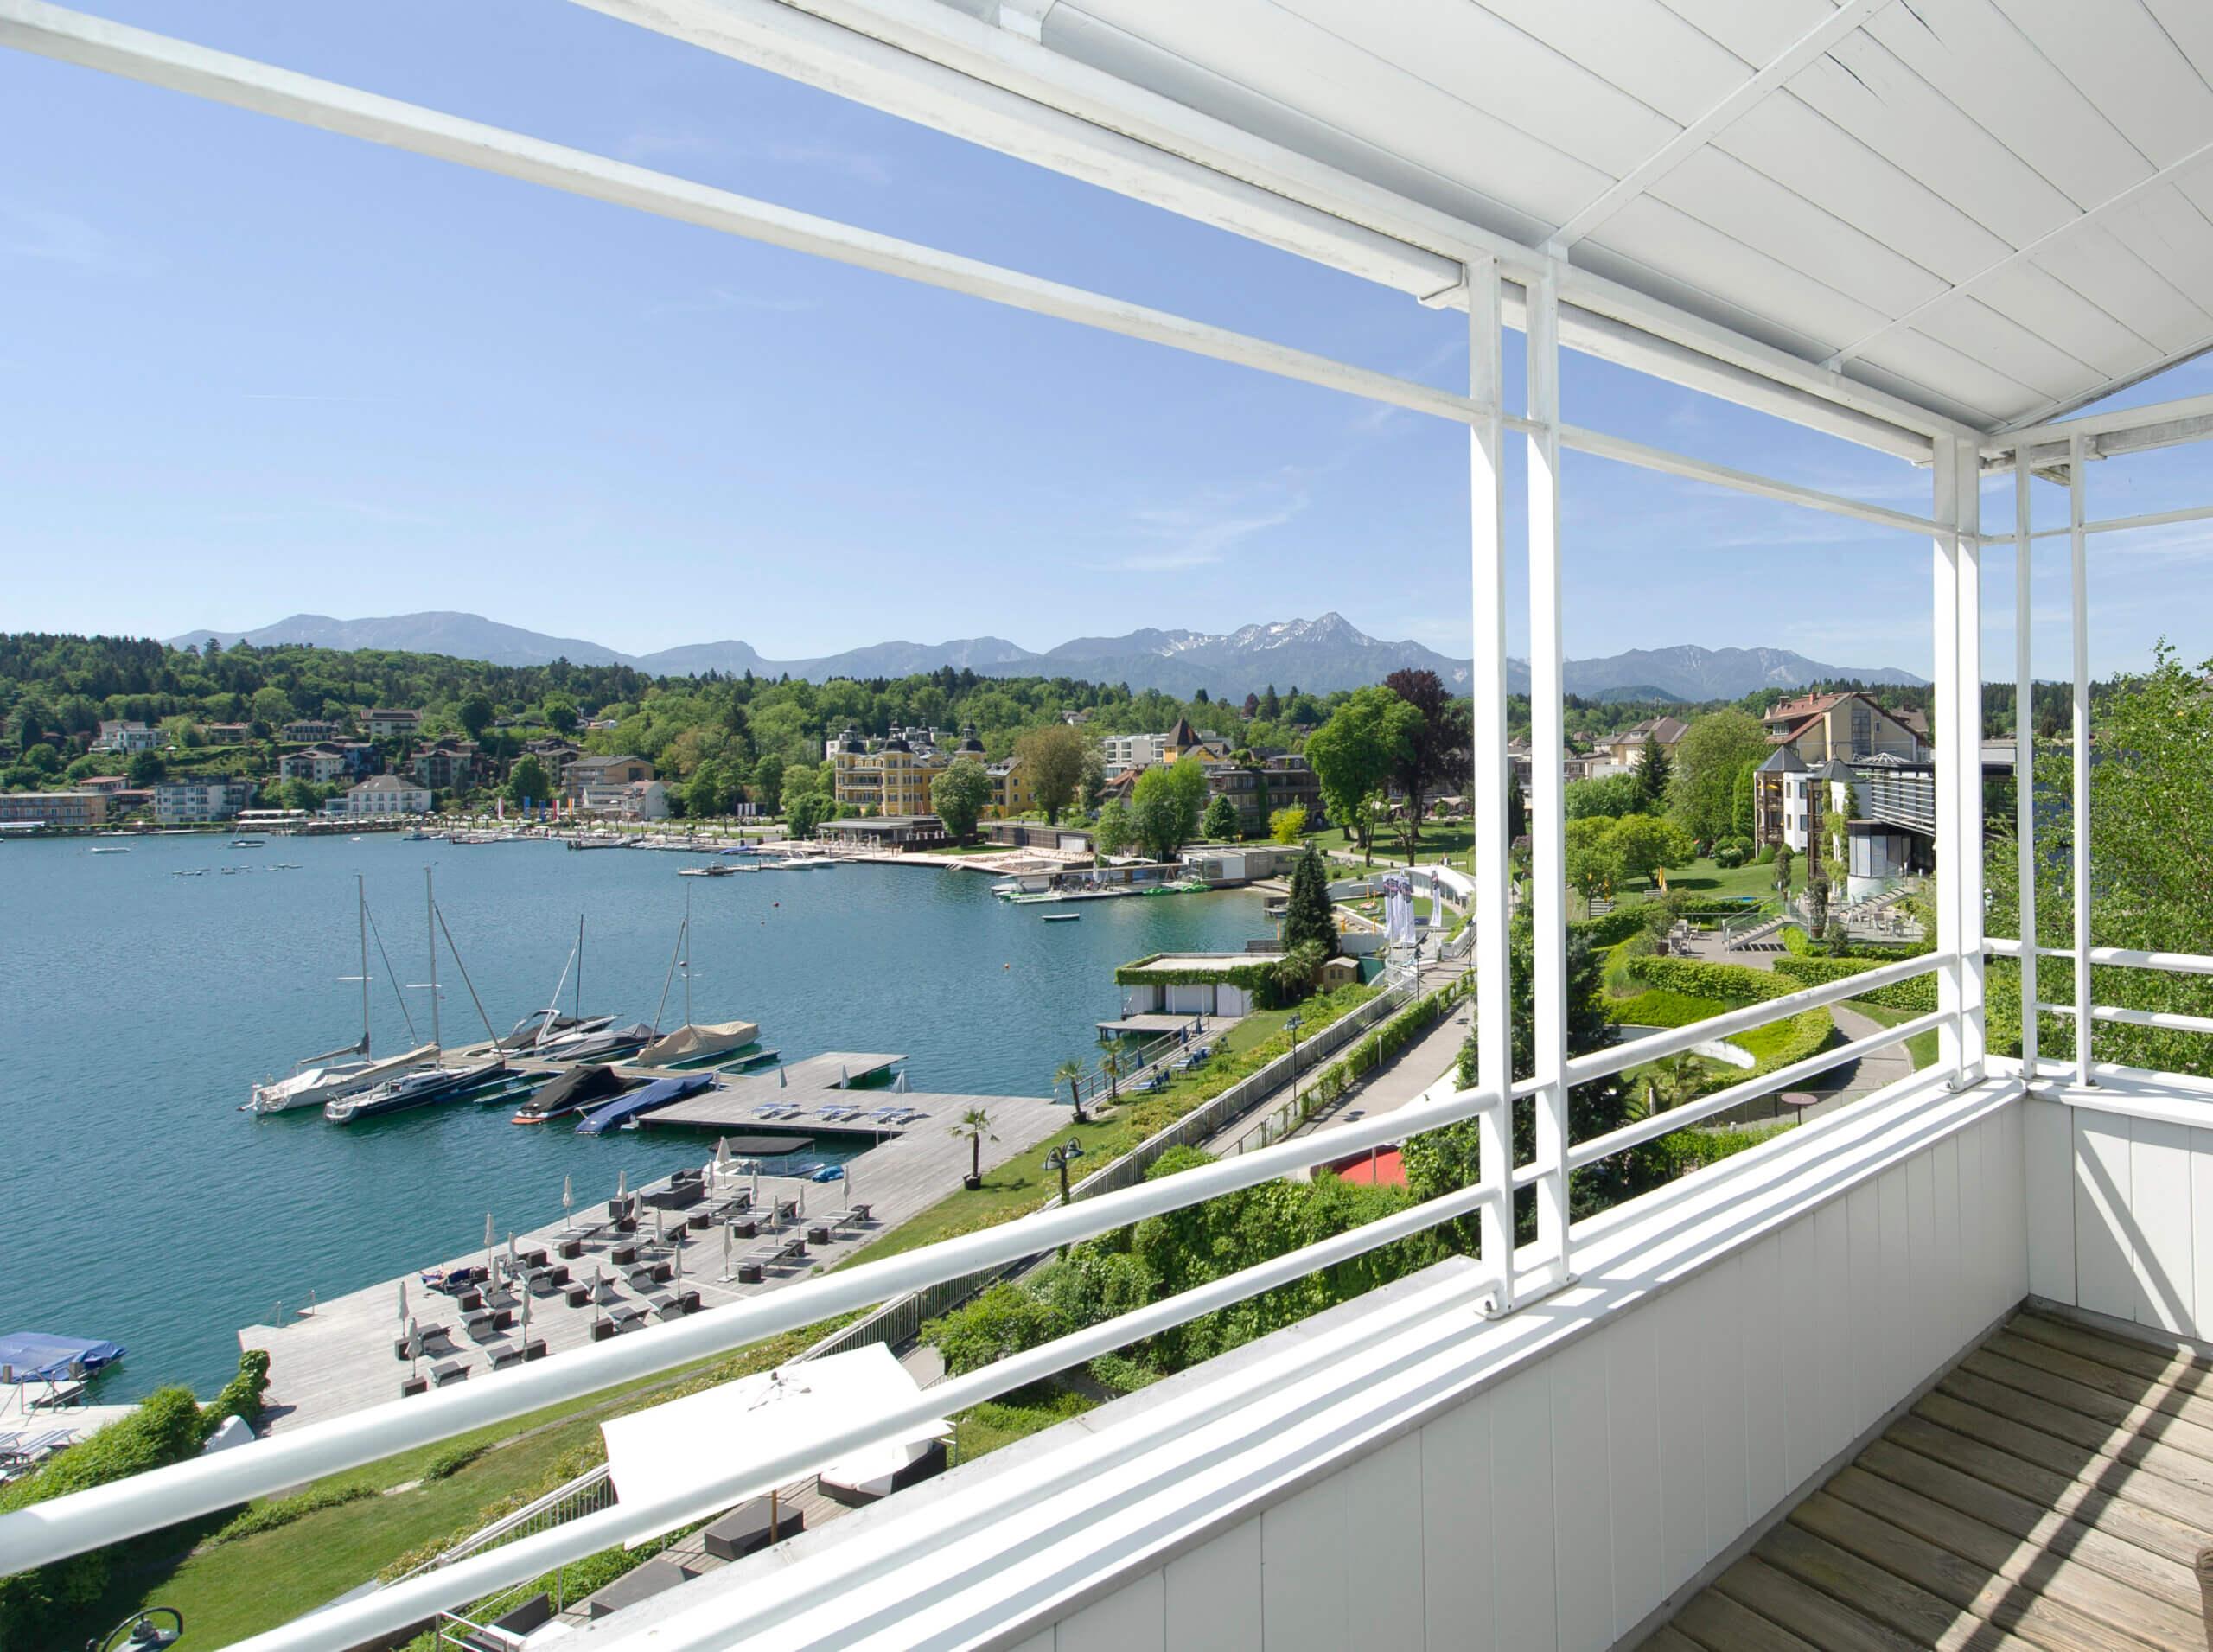 Balkon weiss Seeblick hell engl